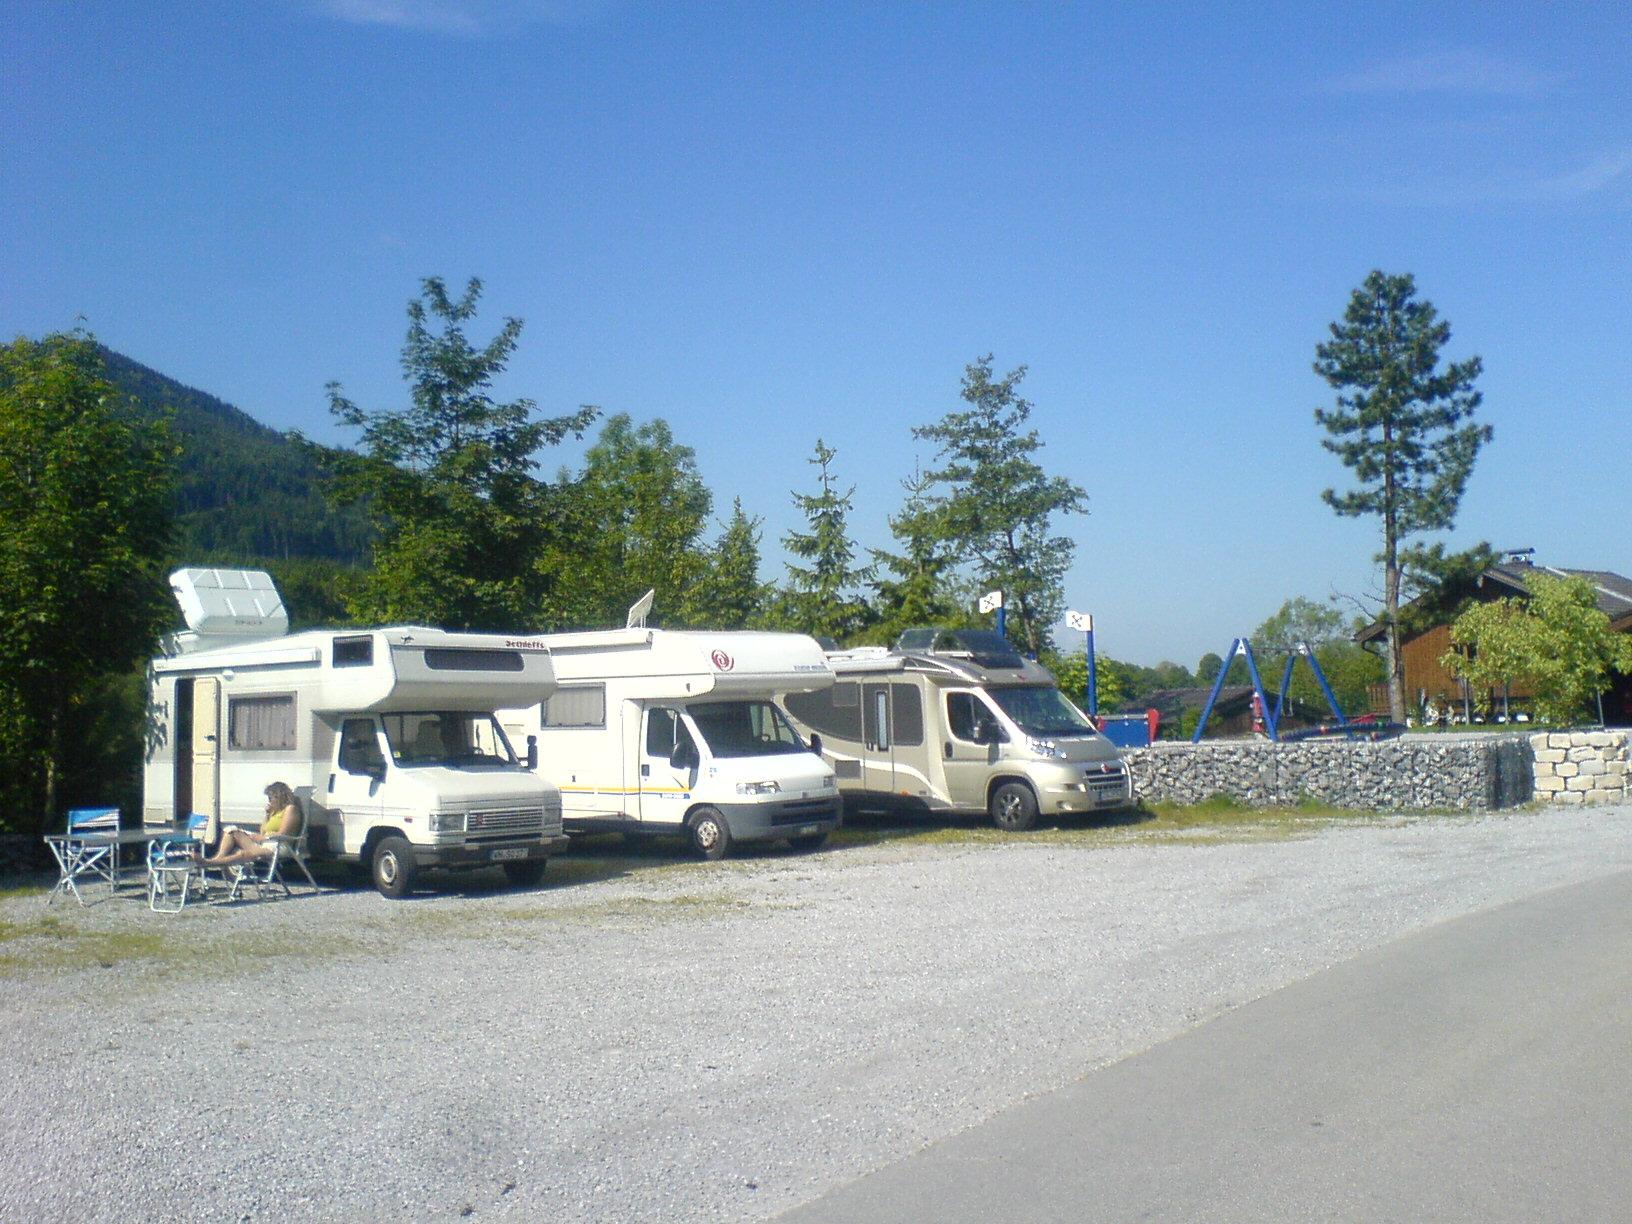 Camplingplatz Demmel Stallauer Weiher